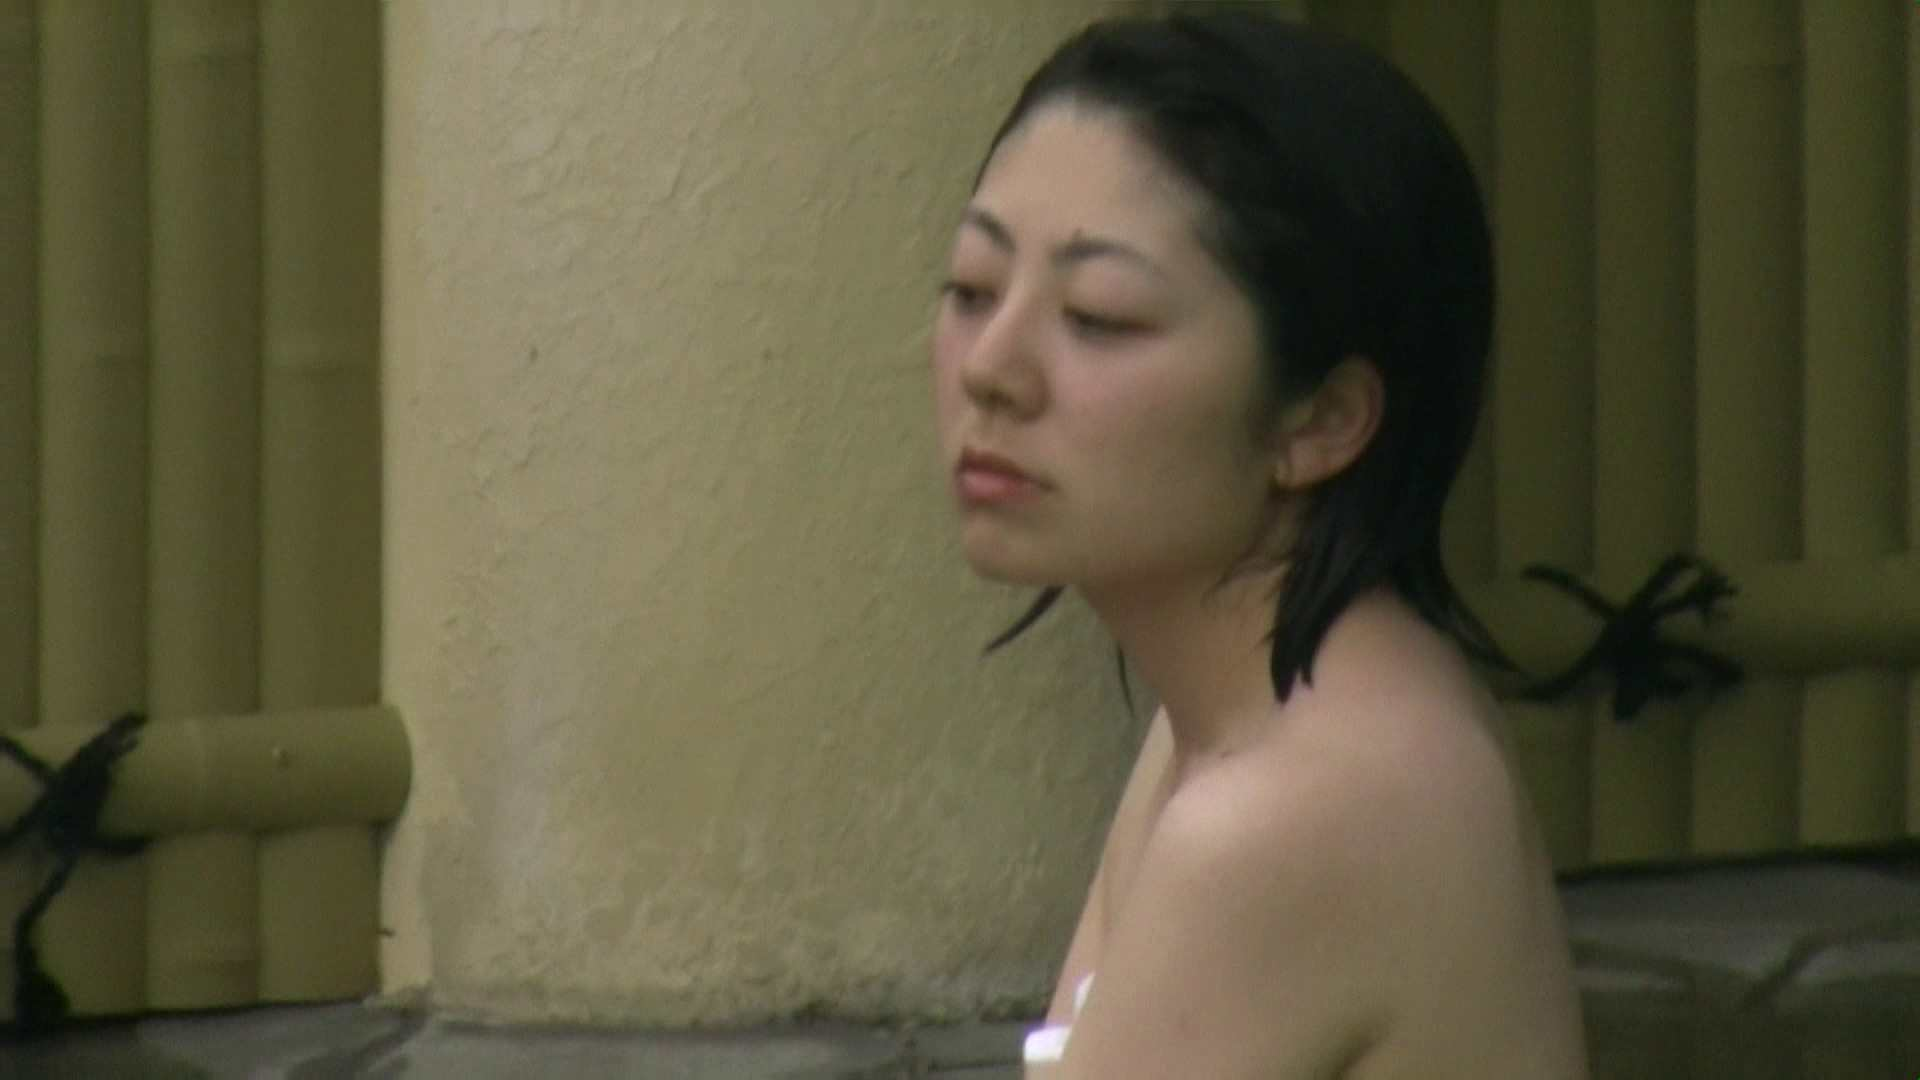 Aquaな露天風呂Vol.04 HなOL スケベ動画紹介 84pic 27